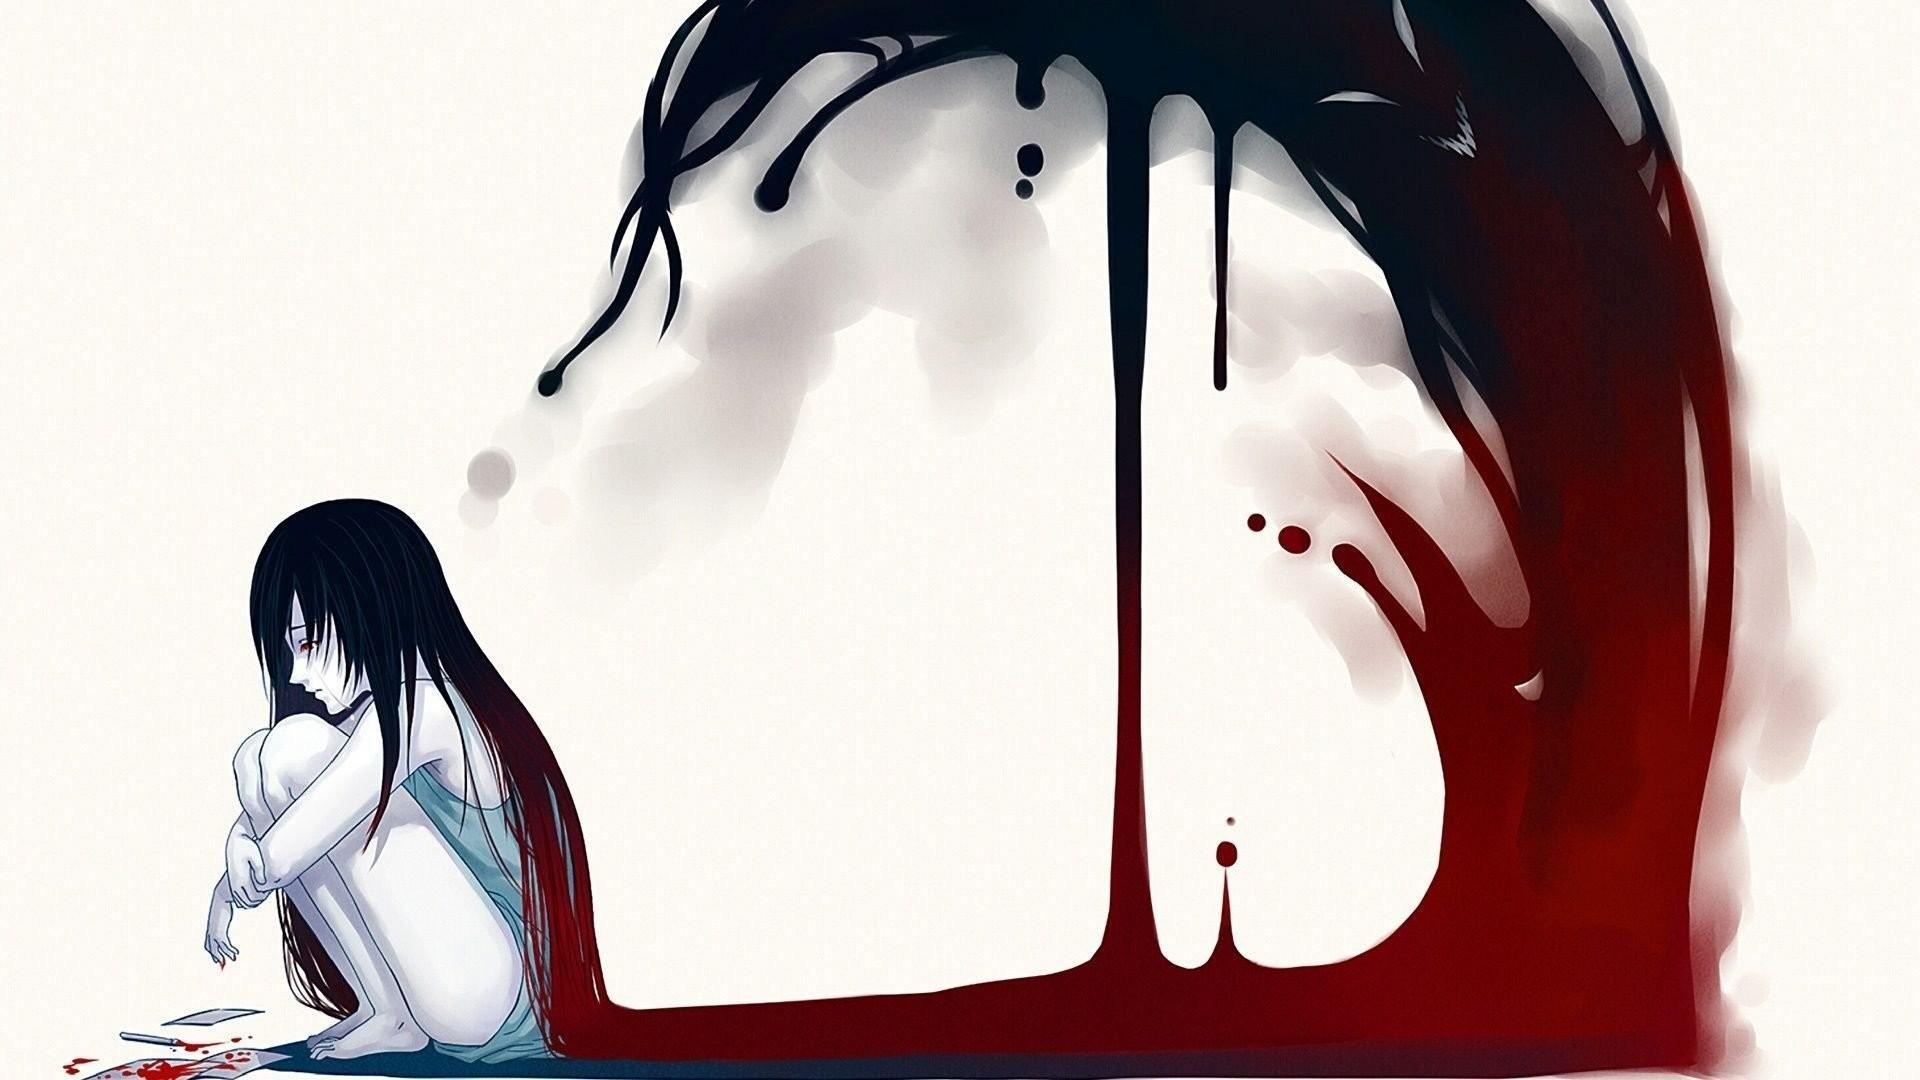 Sad Anime Wallpapers